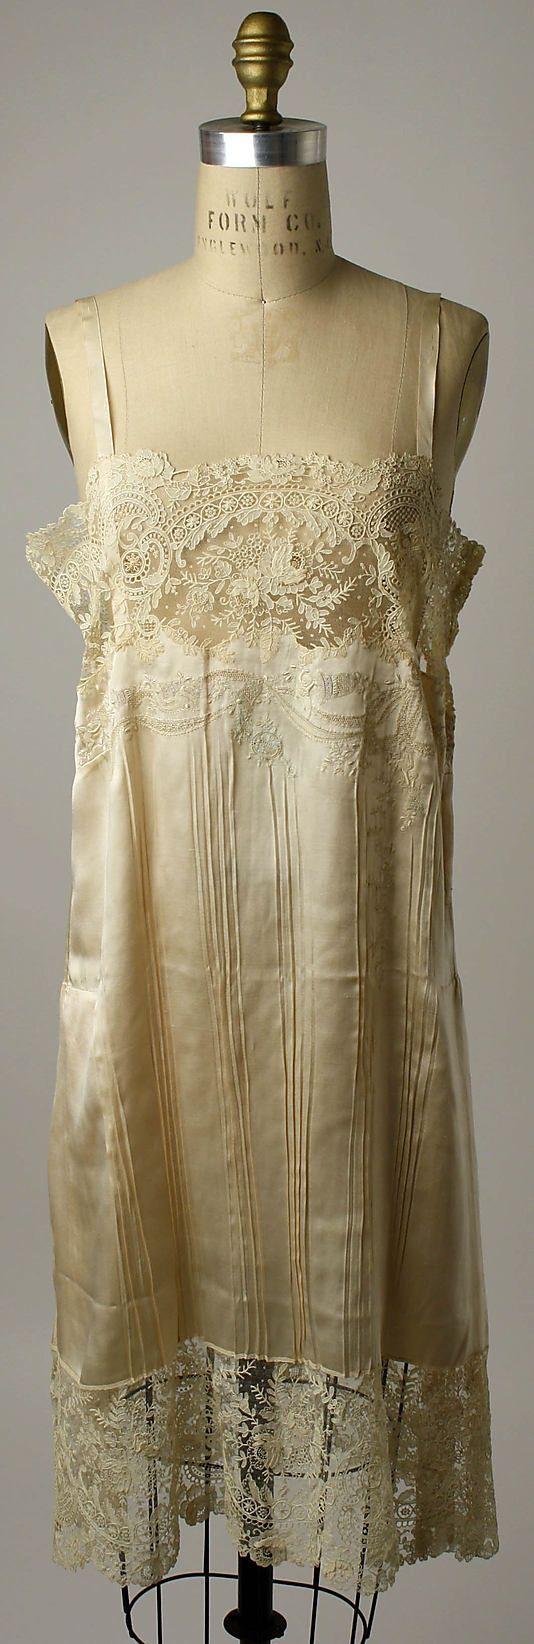 Wedding Lingerie - 1929 - lingerie sites, lingerie australia, lingerie glamour *ad